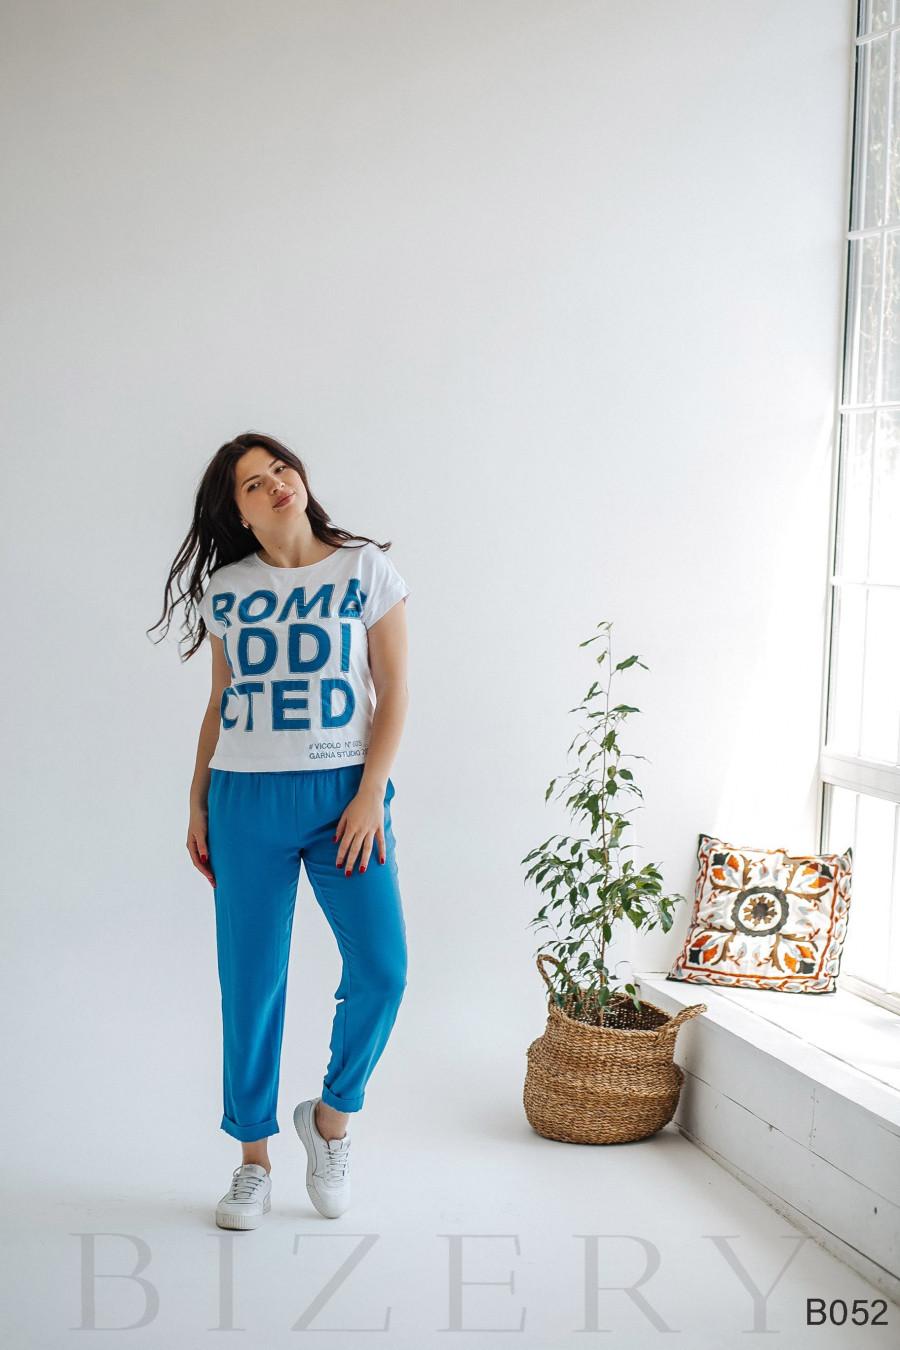 Костюм повседневный брючный с крупной надписью на футболке